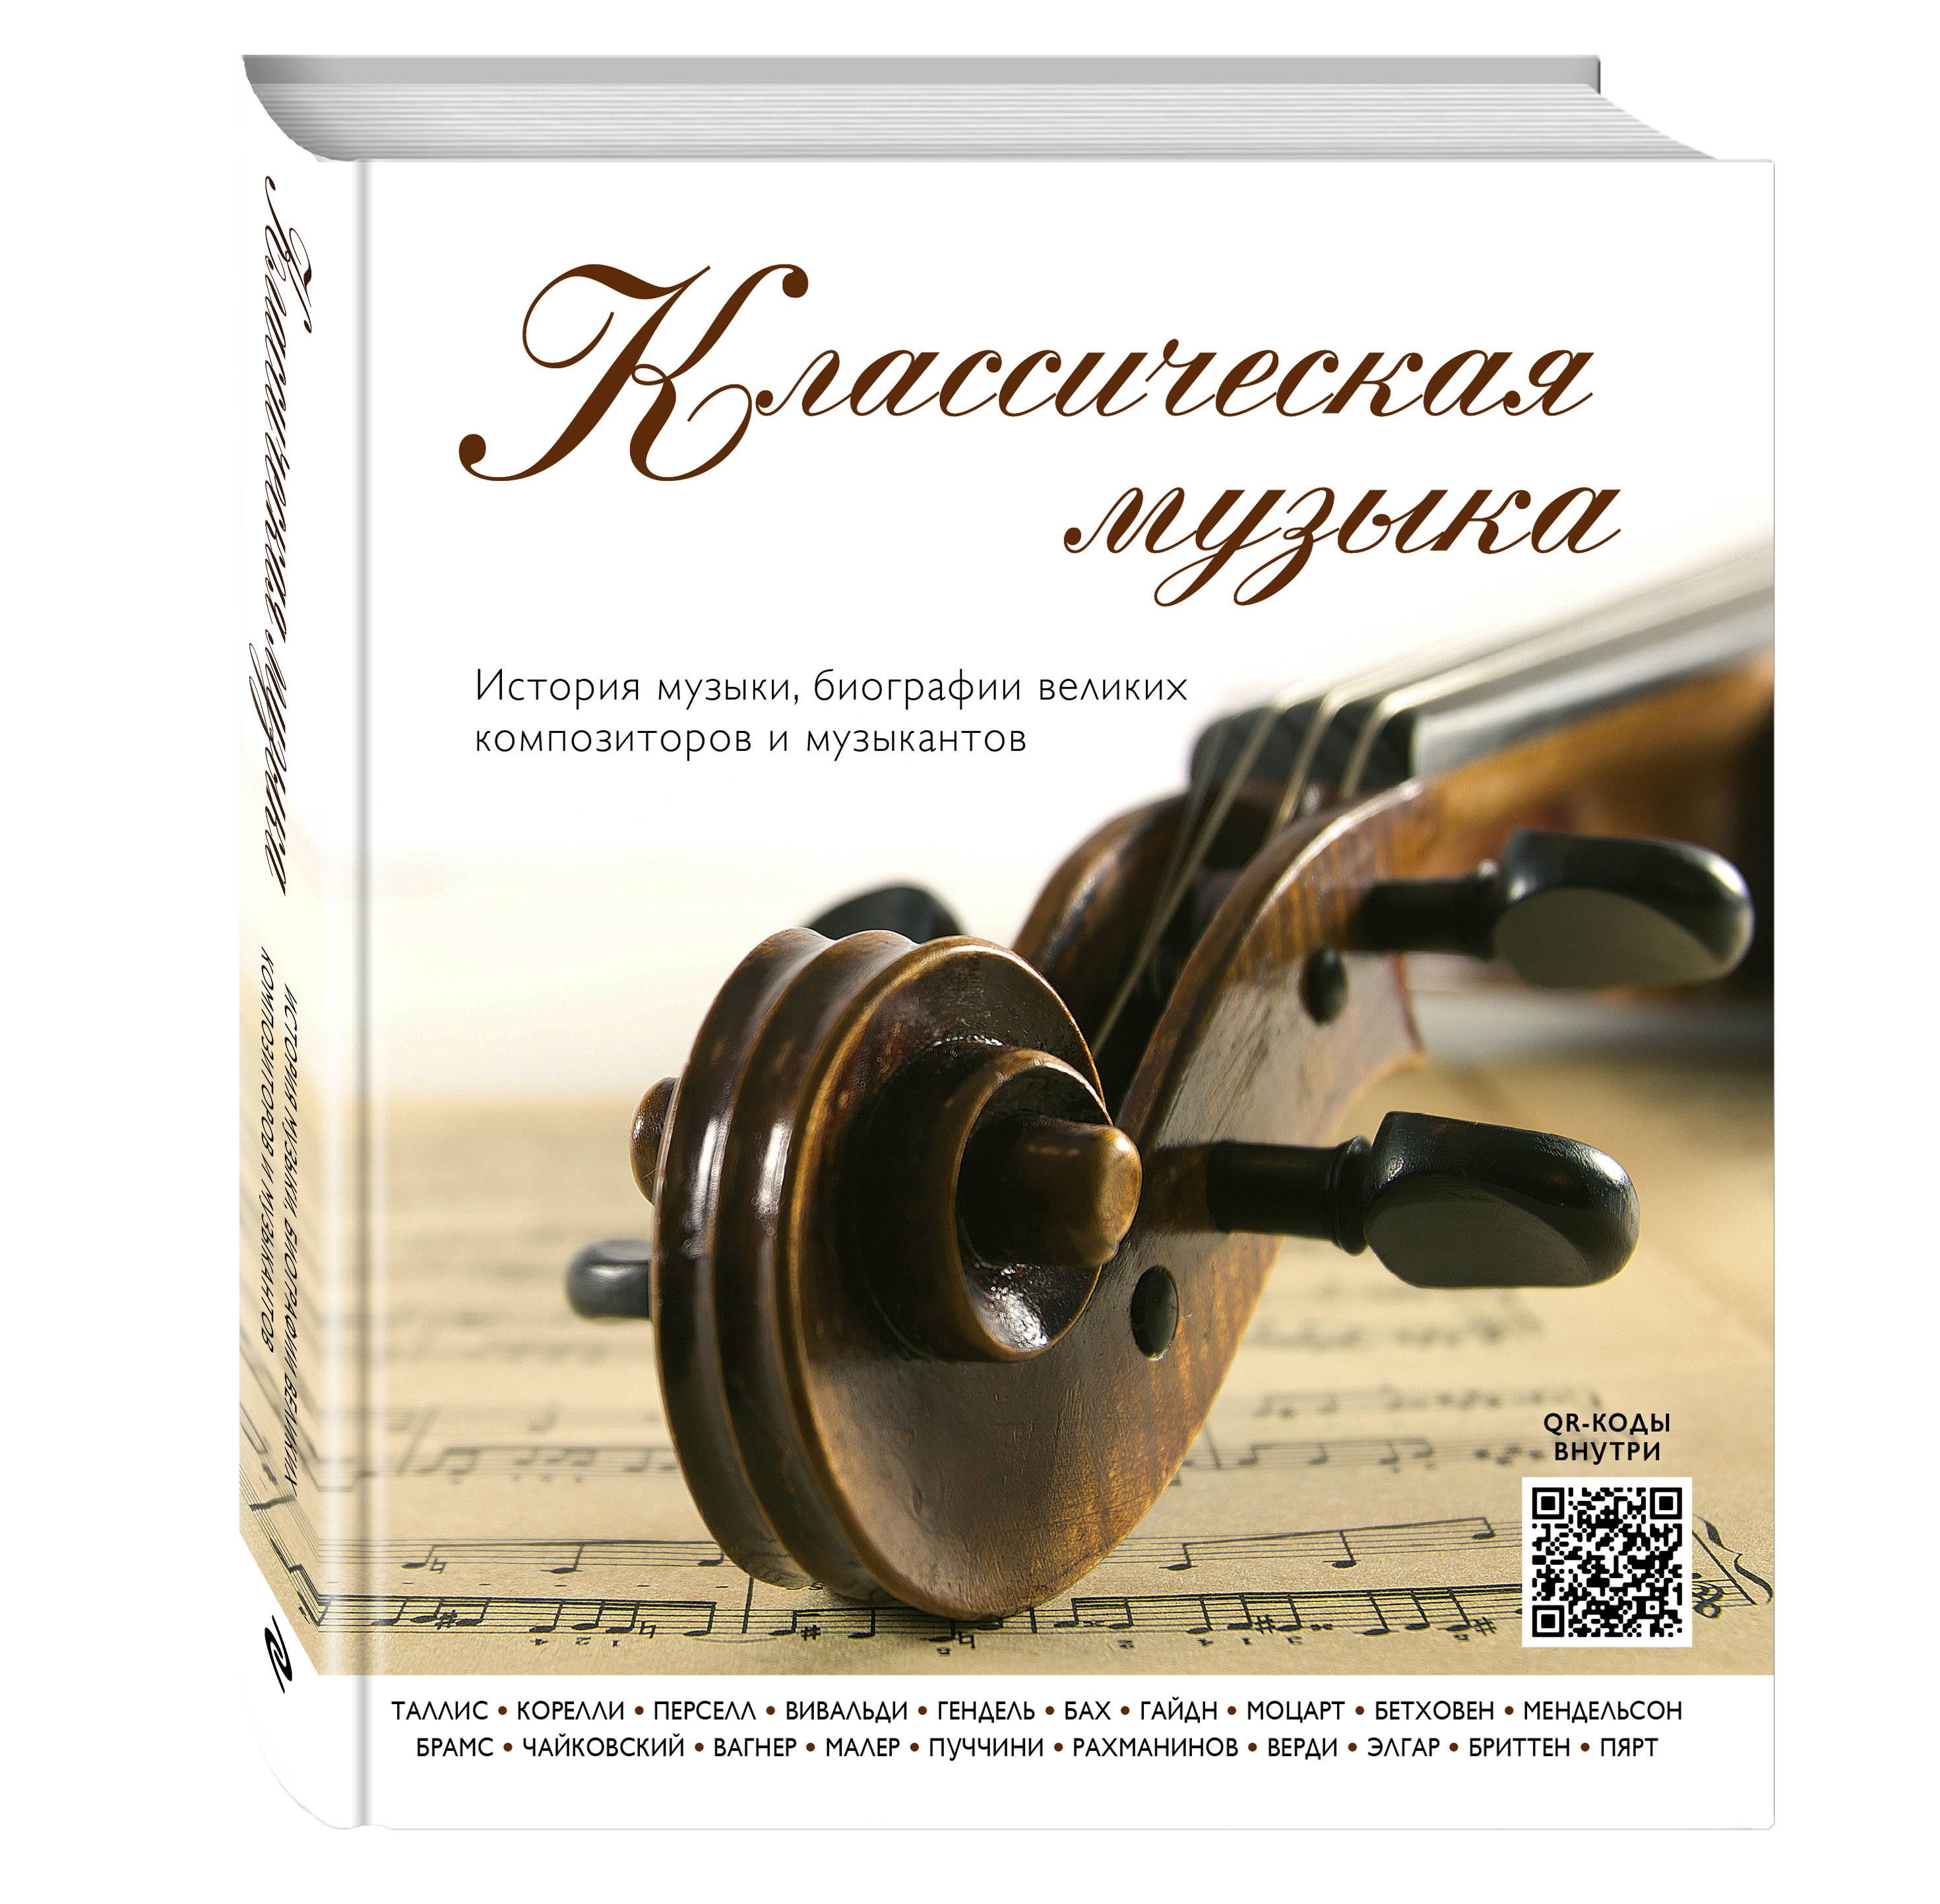 Классическая музыка. История музыки, биографии великих композиторов и музыкантов (внутри QR-коды)